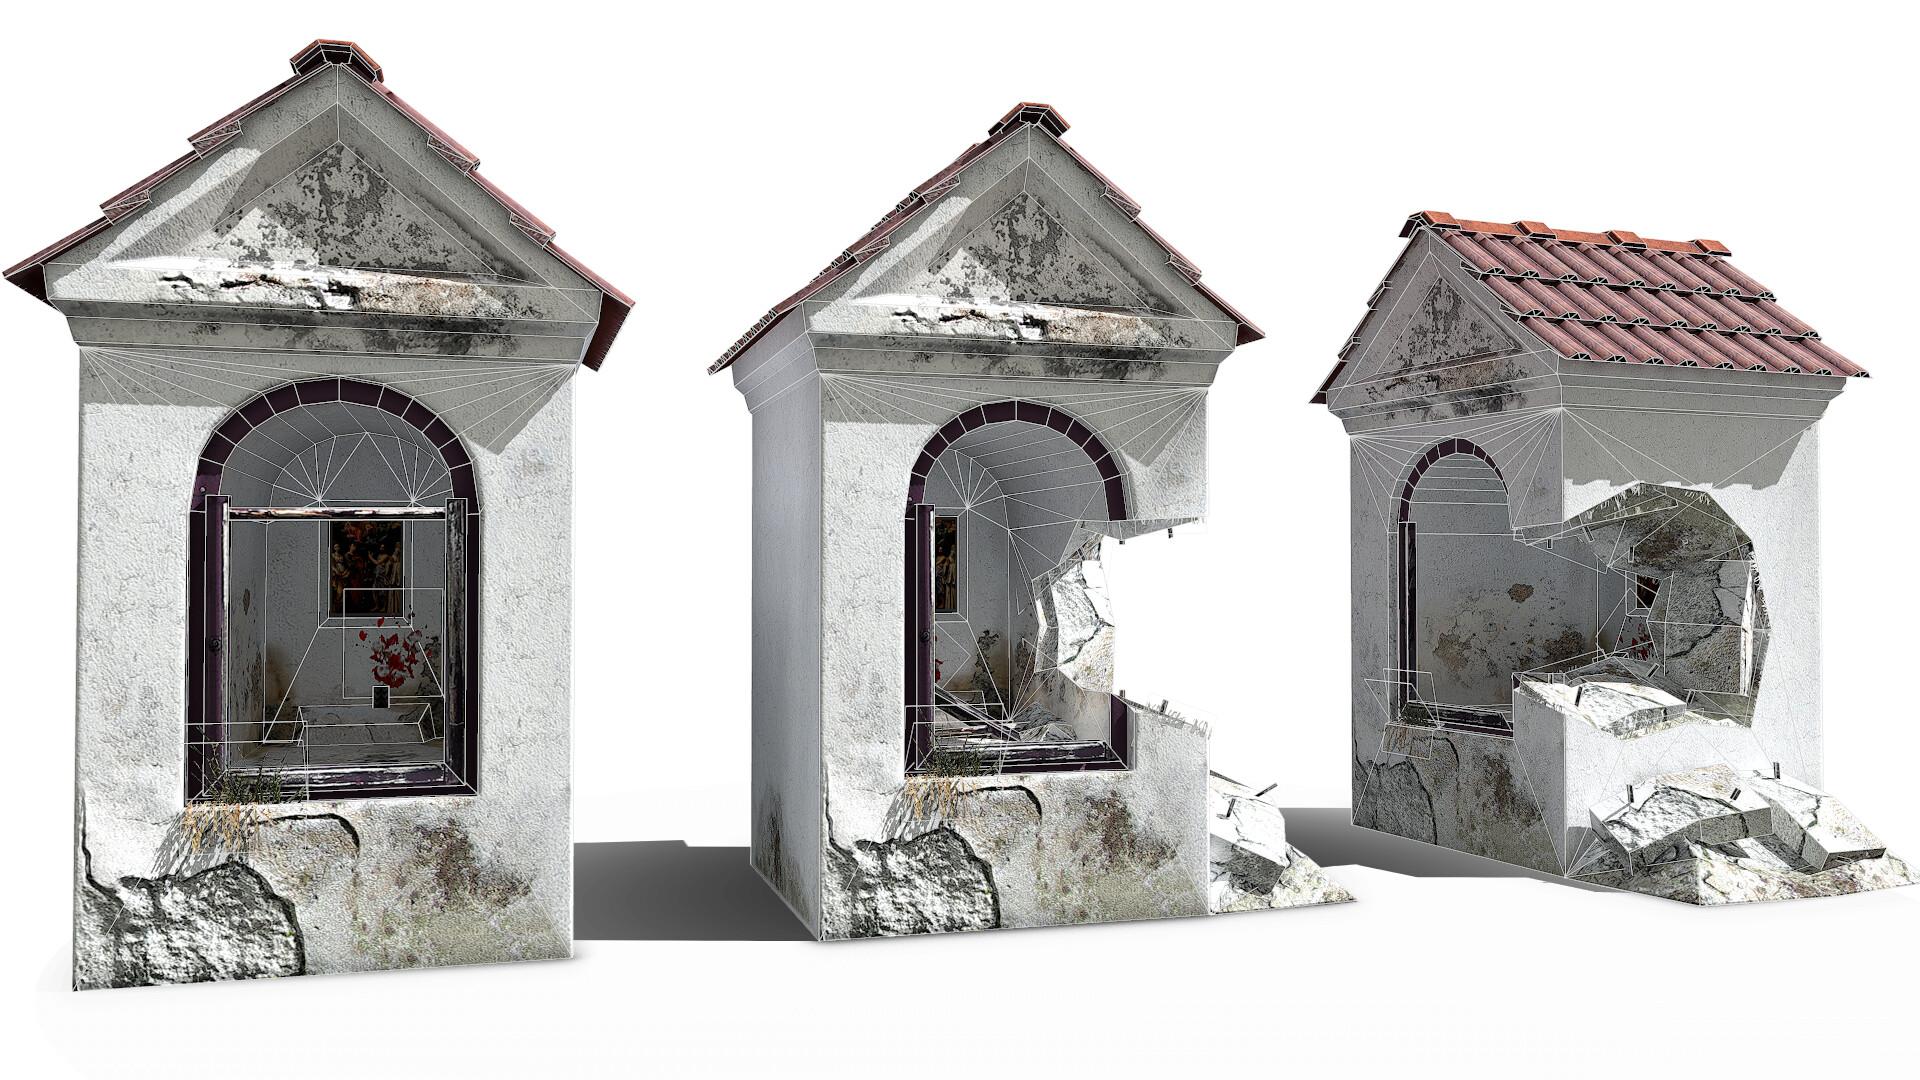 Niche Chapel - low poly mesh under 1k tris texutre 1024x2048